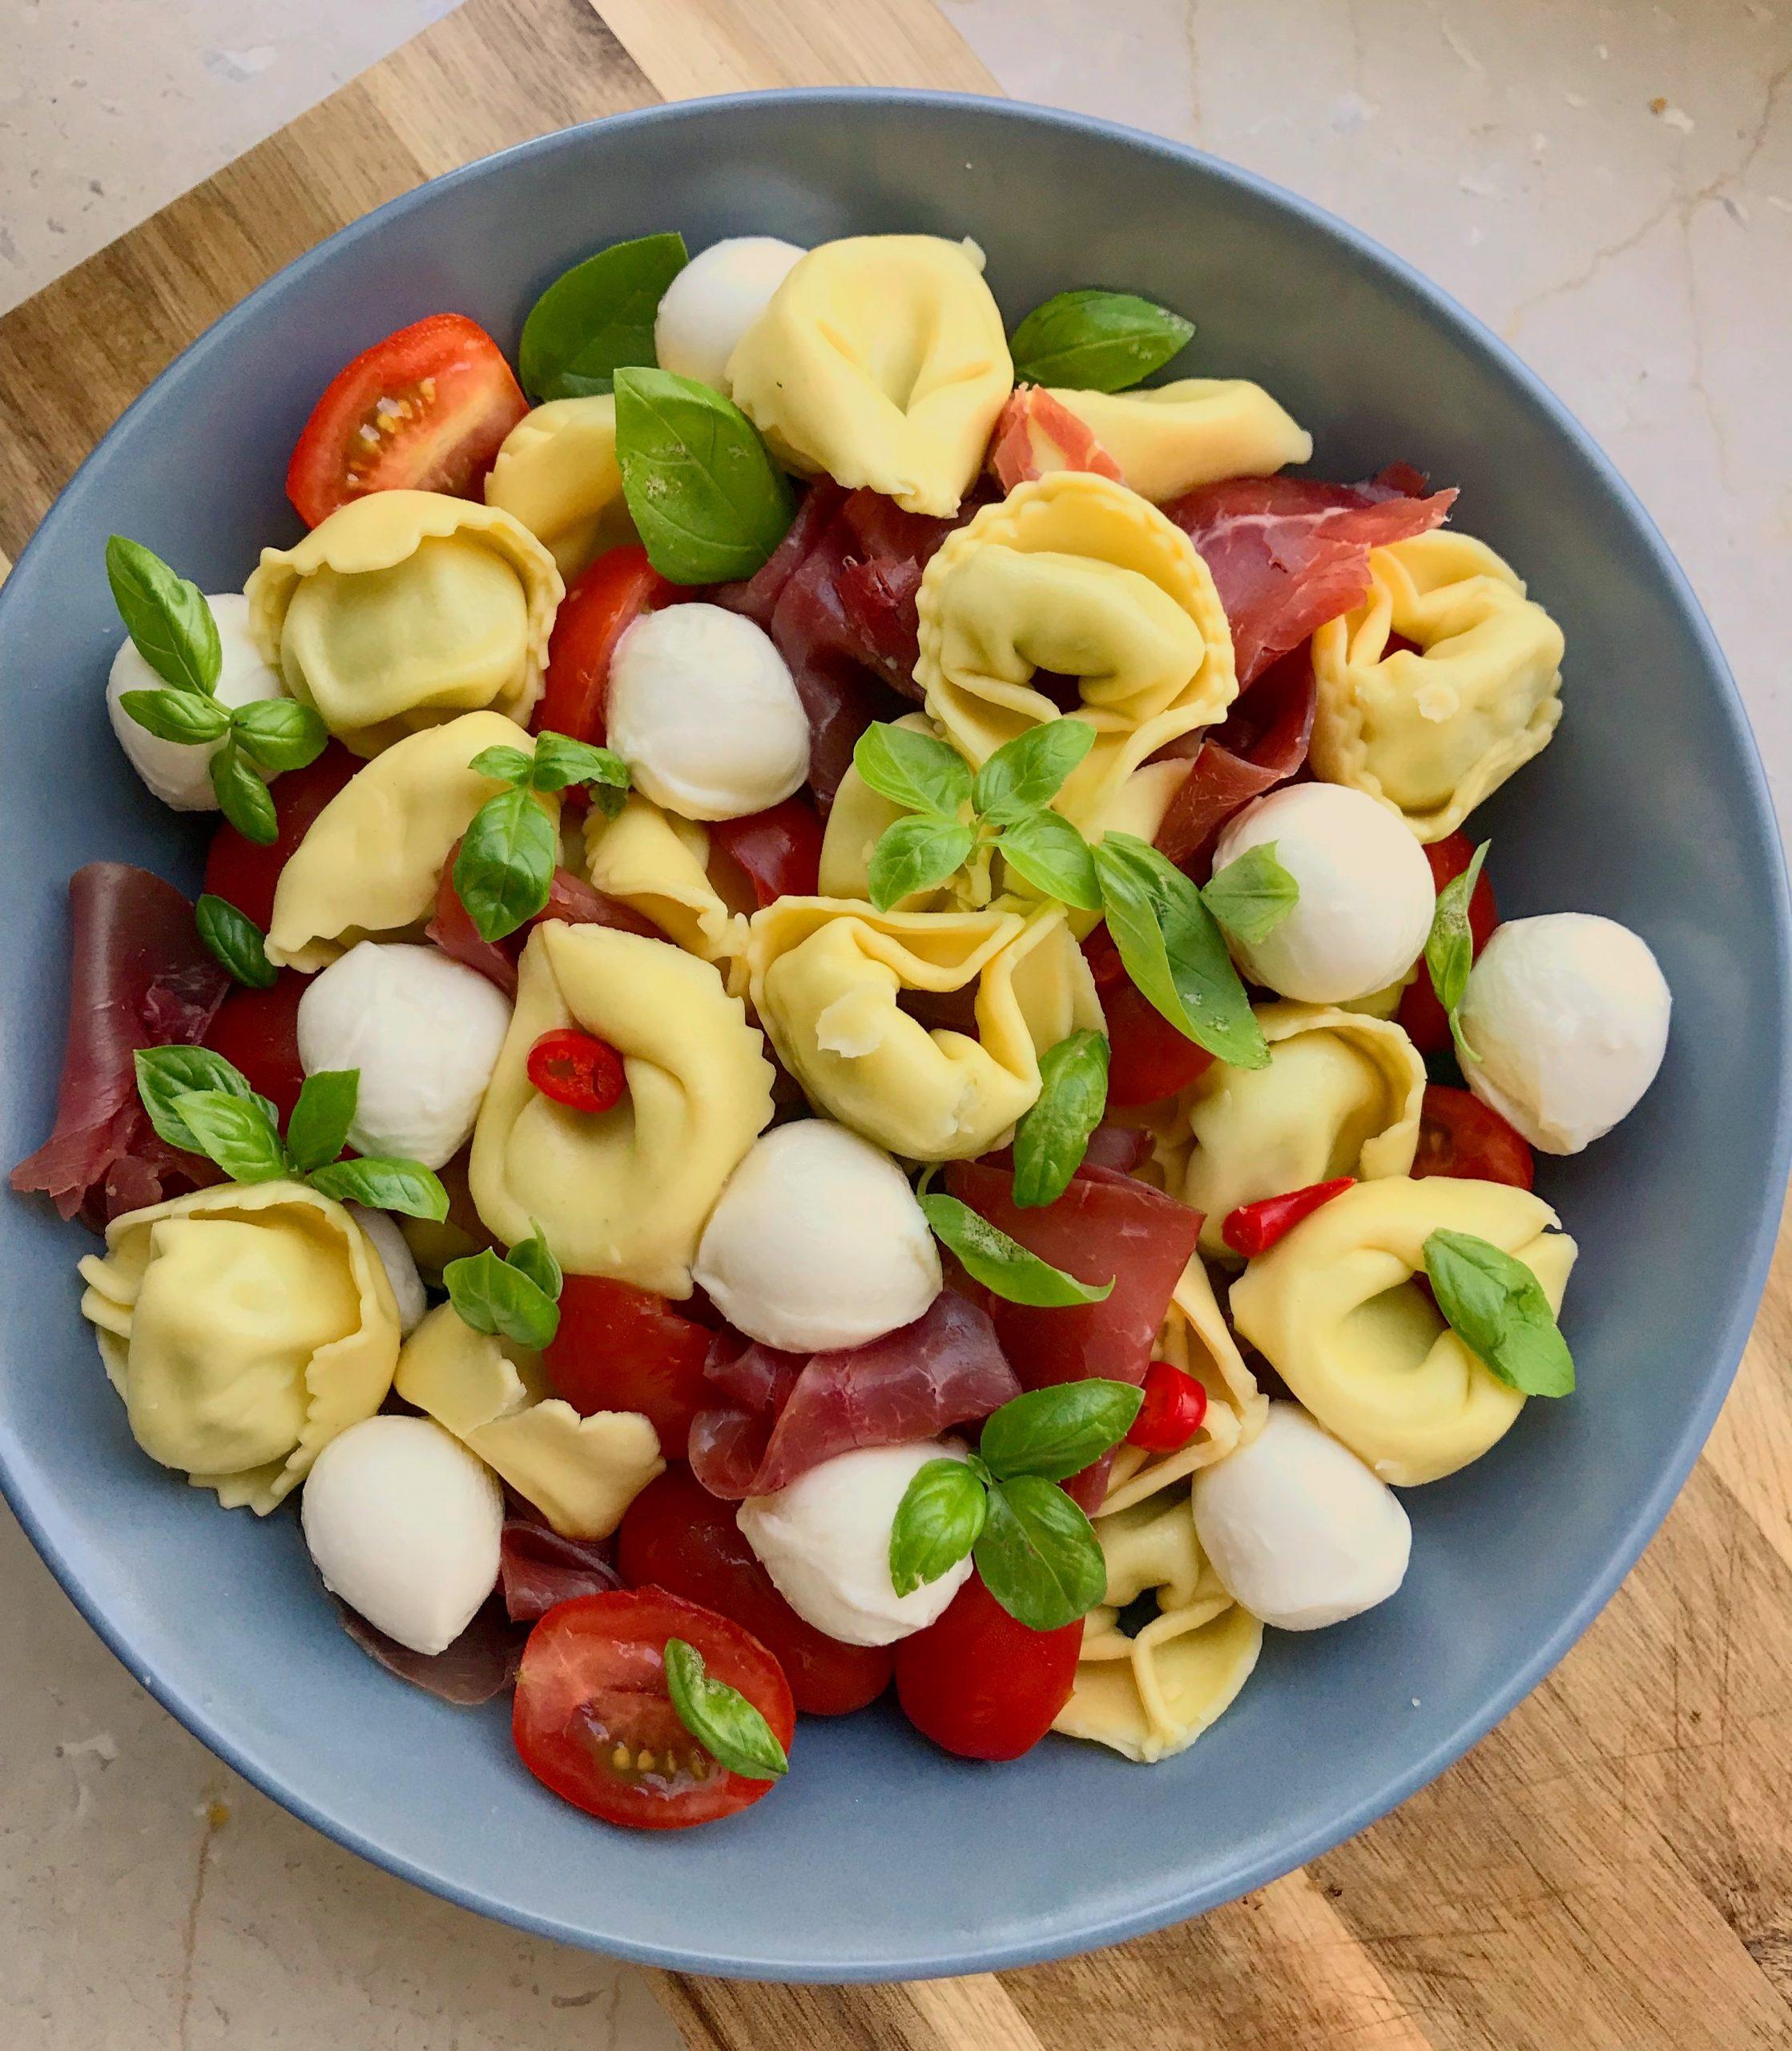 Tortellini-Salat mit Rinderschinken und Mozzarella